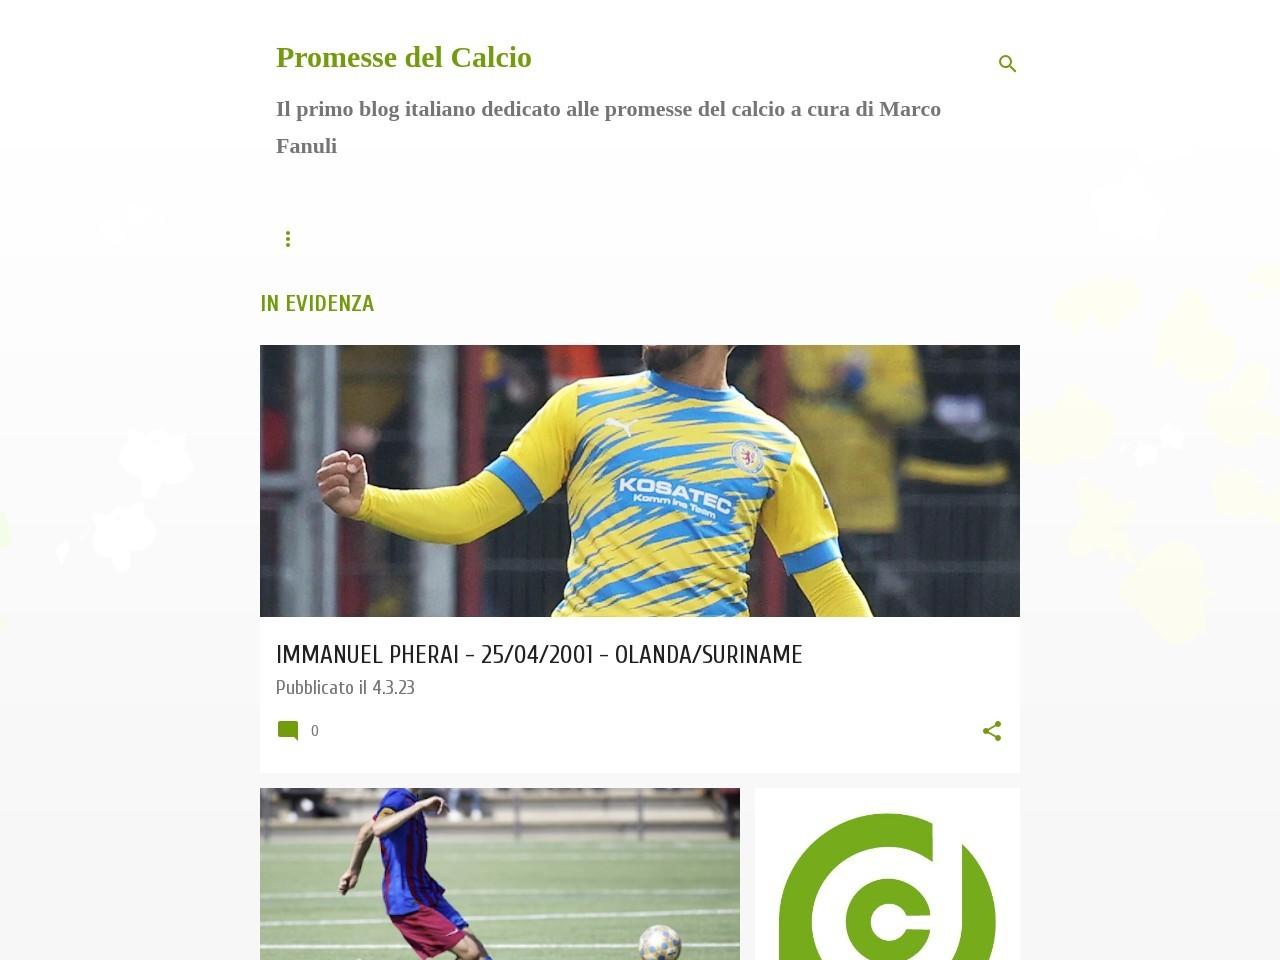 promesse-del-calcio